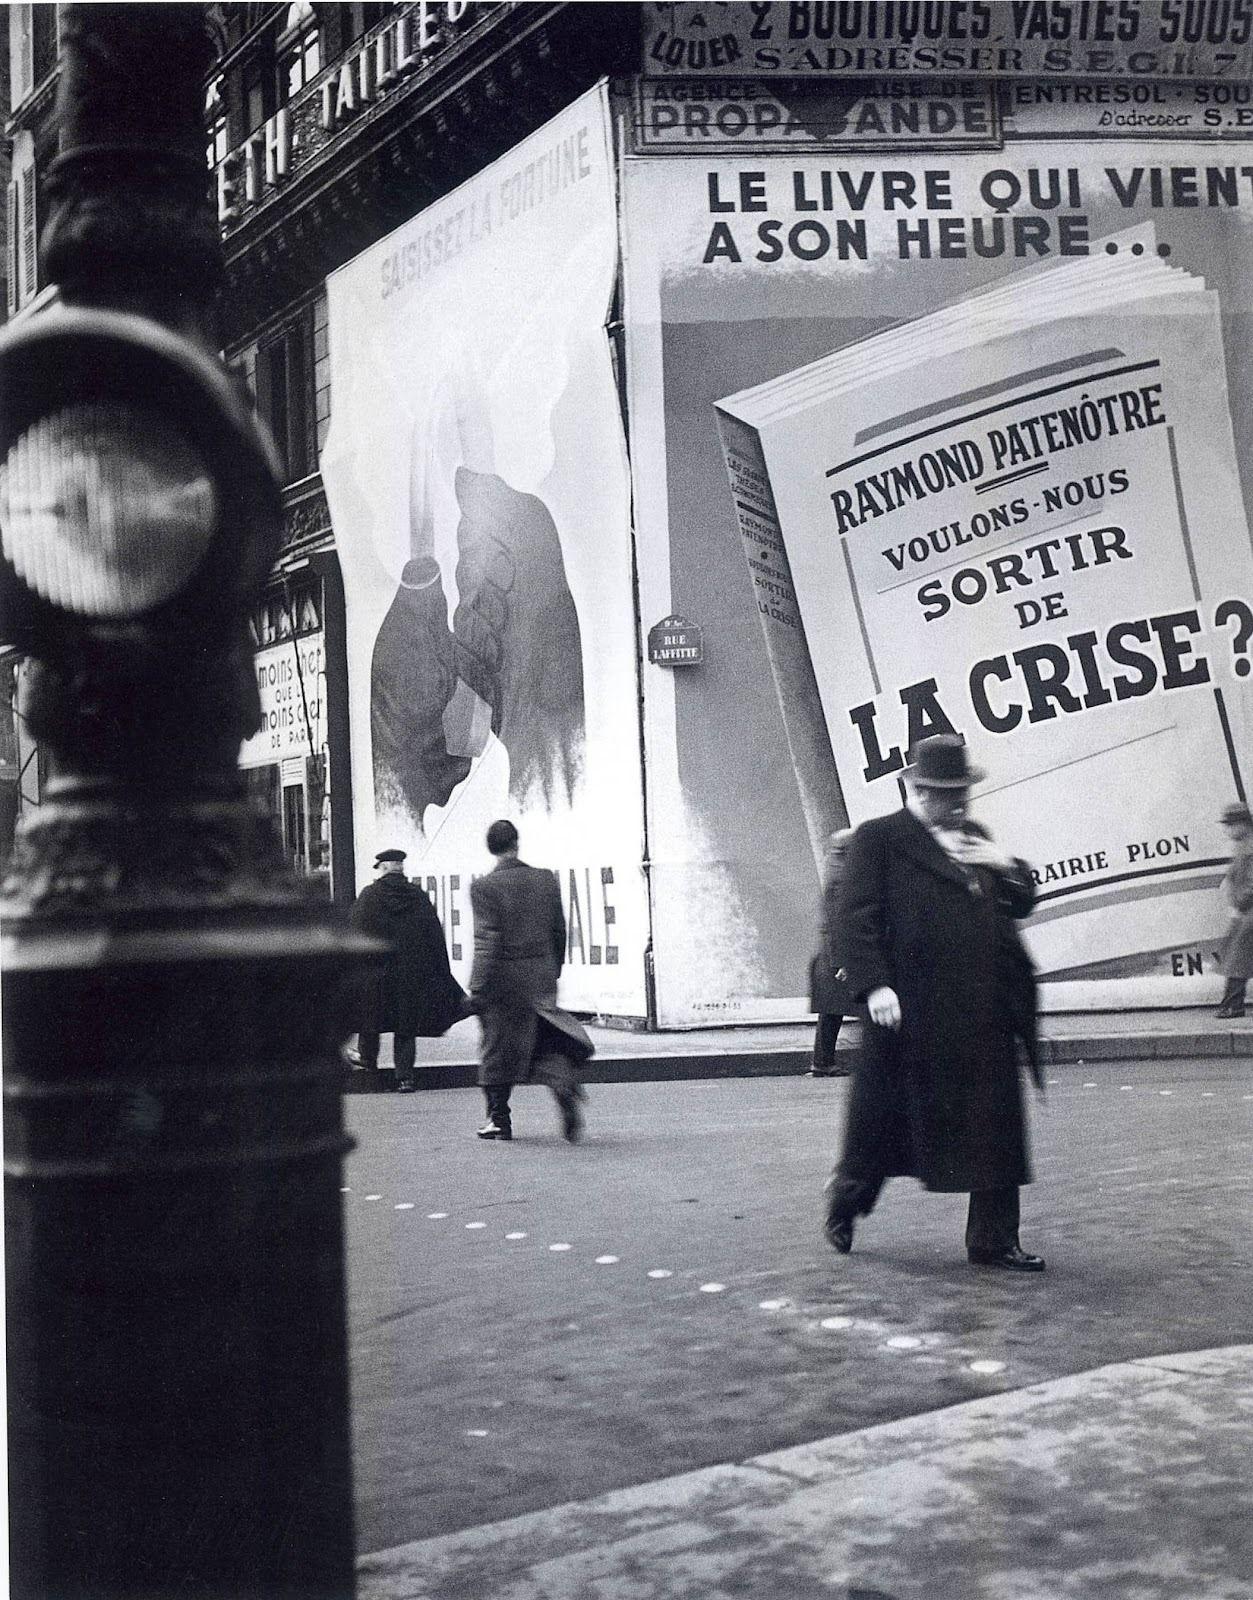 Undr jean moralparis 1930s black and white photography paris